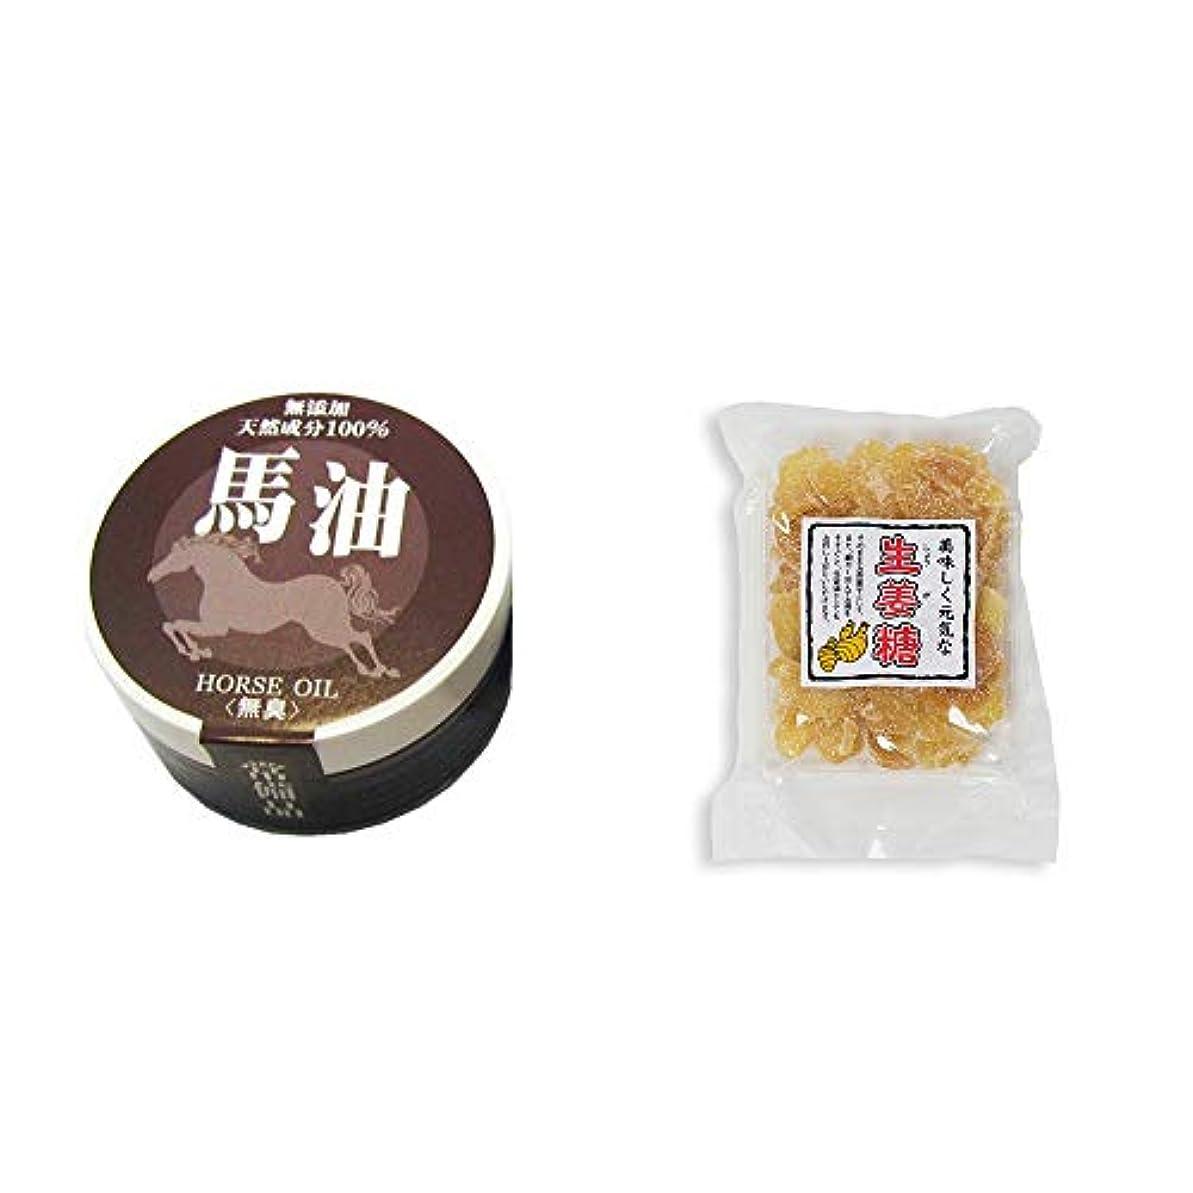 謎孤独な兄[2点セット] 無添加天然成分100% 馬油[無香料](38g)?生姜糖(230g)